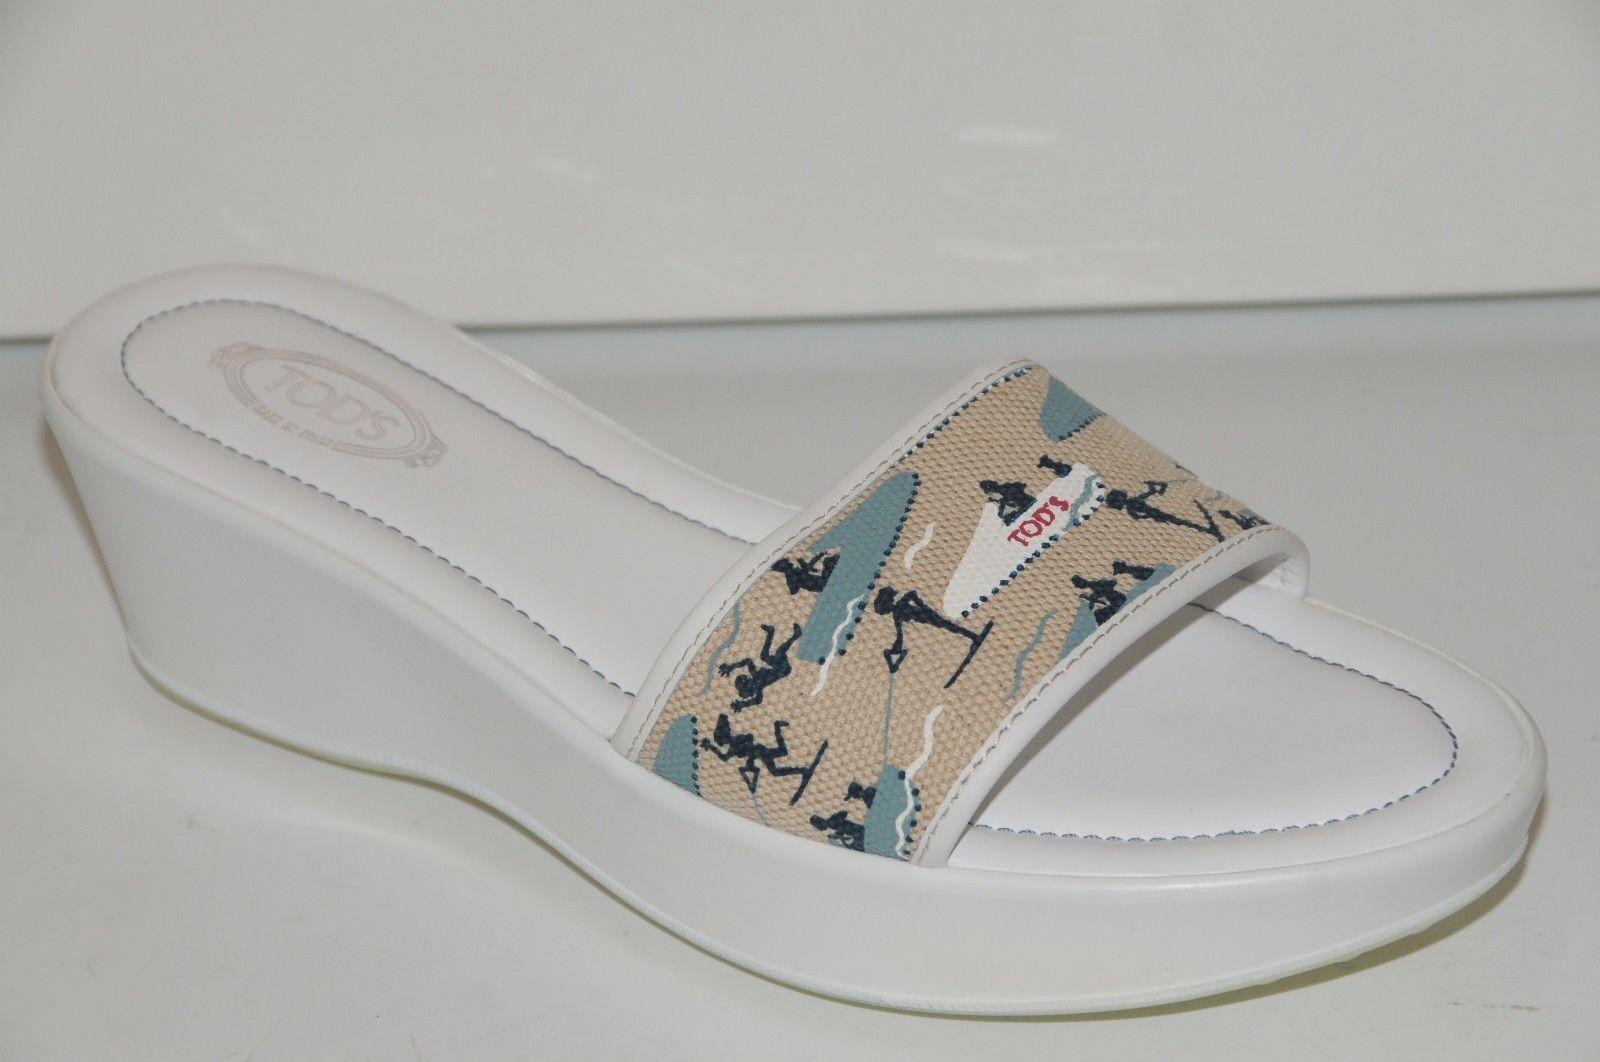 contador genuino Nuevo TOD'S Tods blancooo Azul Azul Azul Beis Miami Sandalias Desliza Zapatillas 10  buen precio